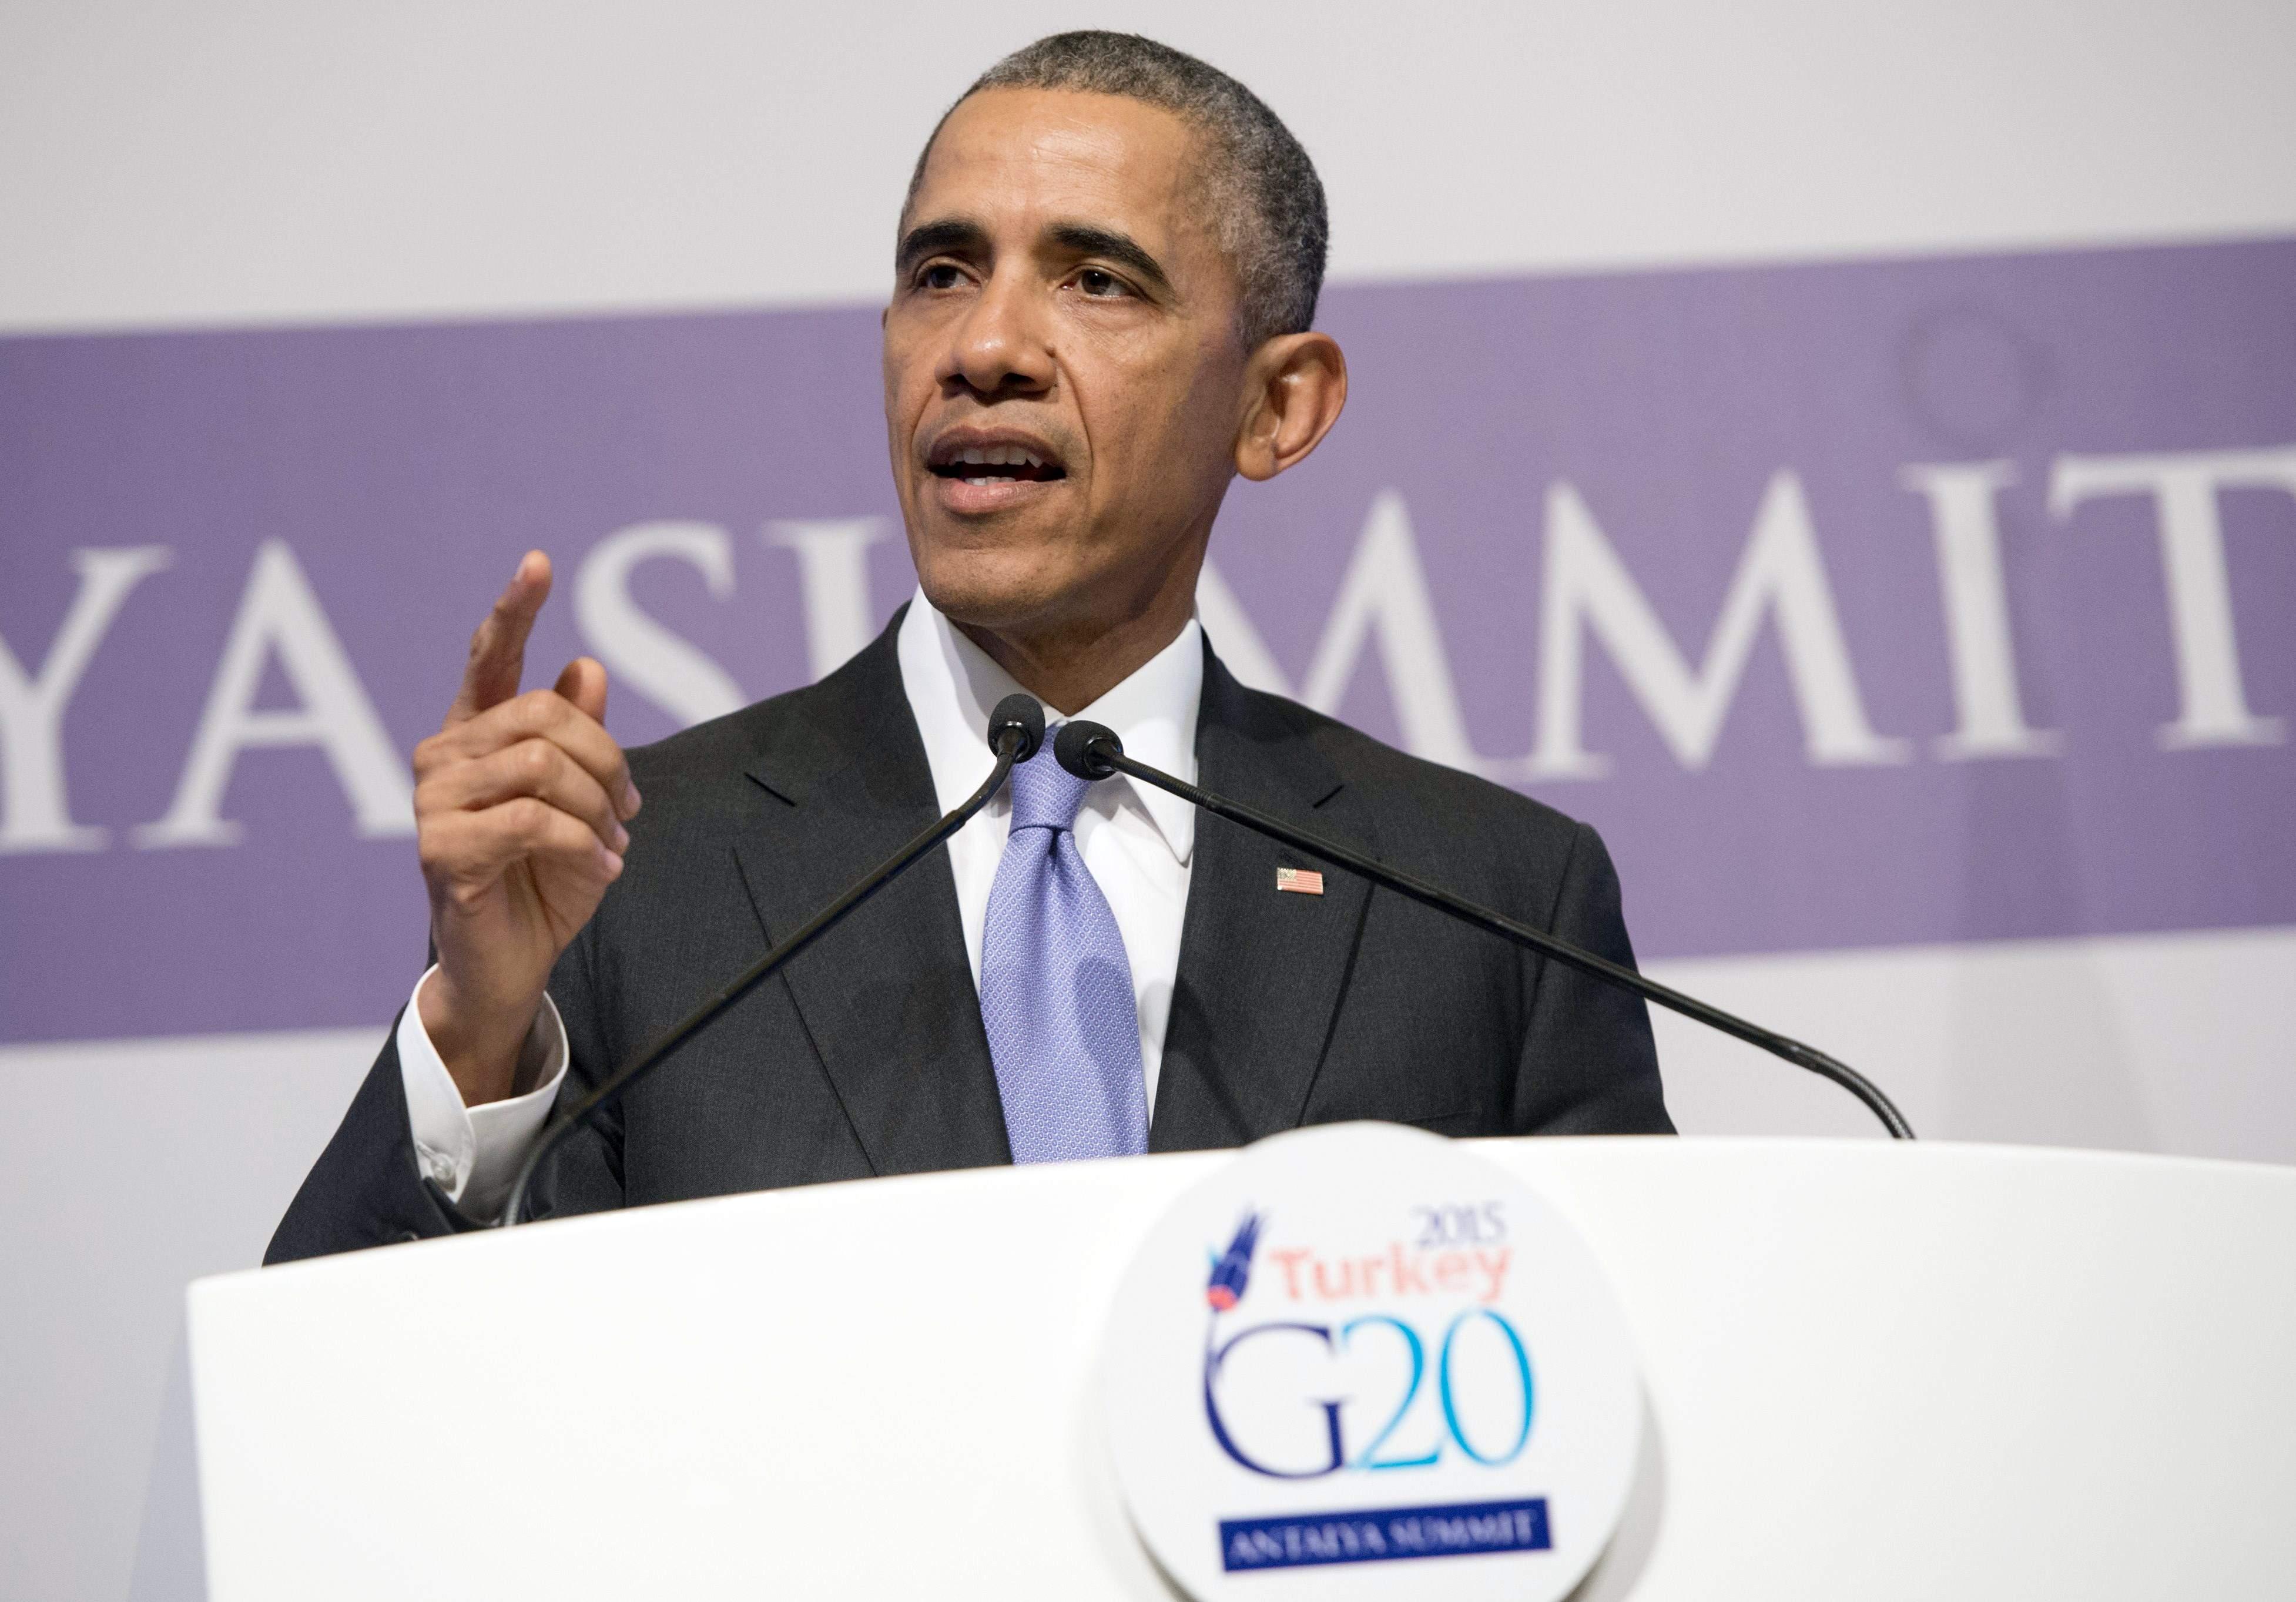 Barack obama salary 2015